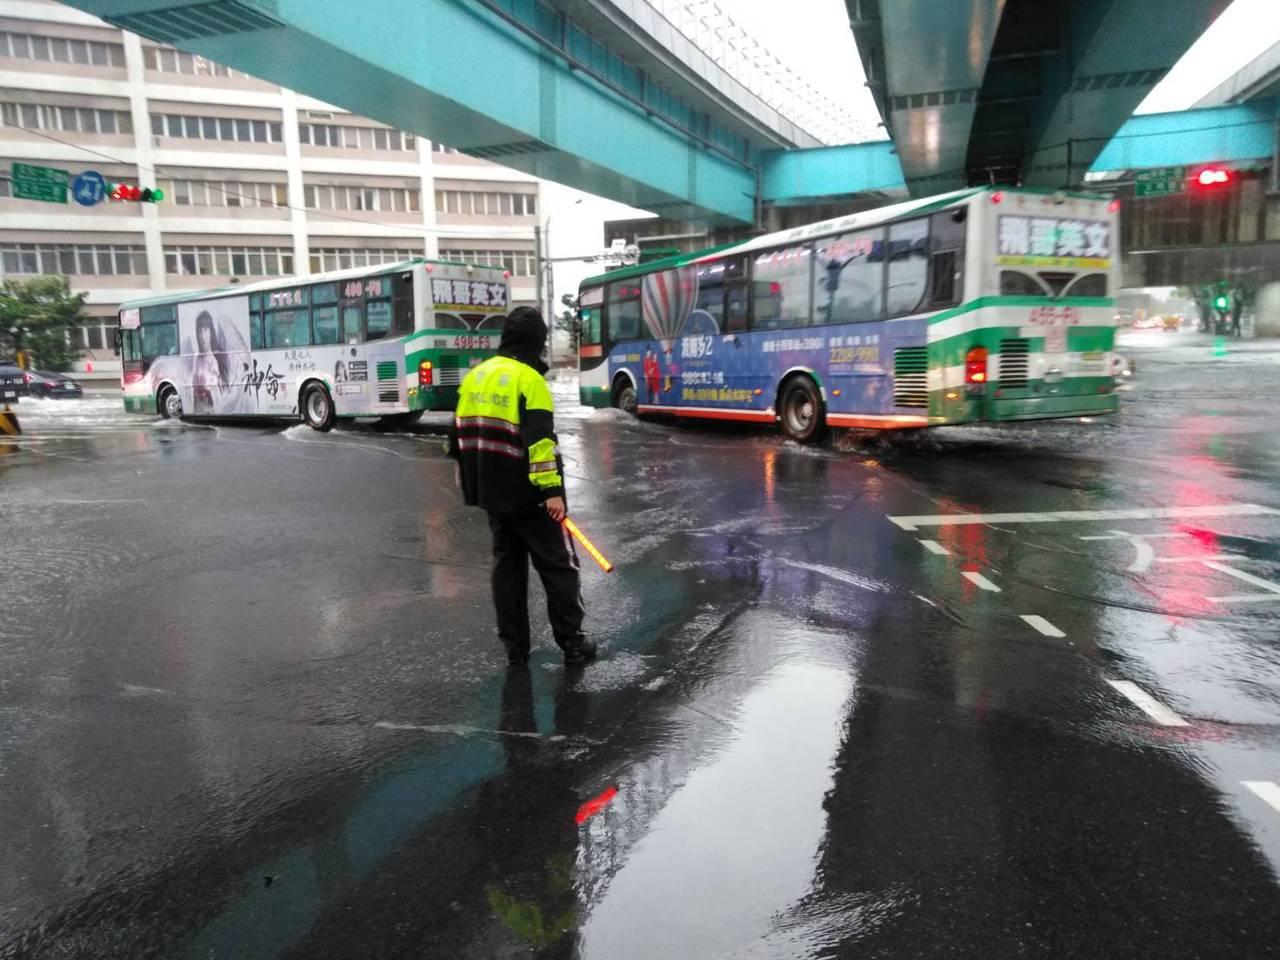 桃園市龜山區文化一路包括林口酒廠、機捷A8站外路面出現大量積水,警方到場進行交通...